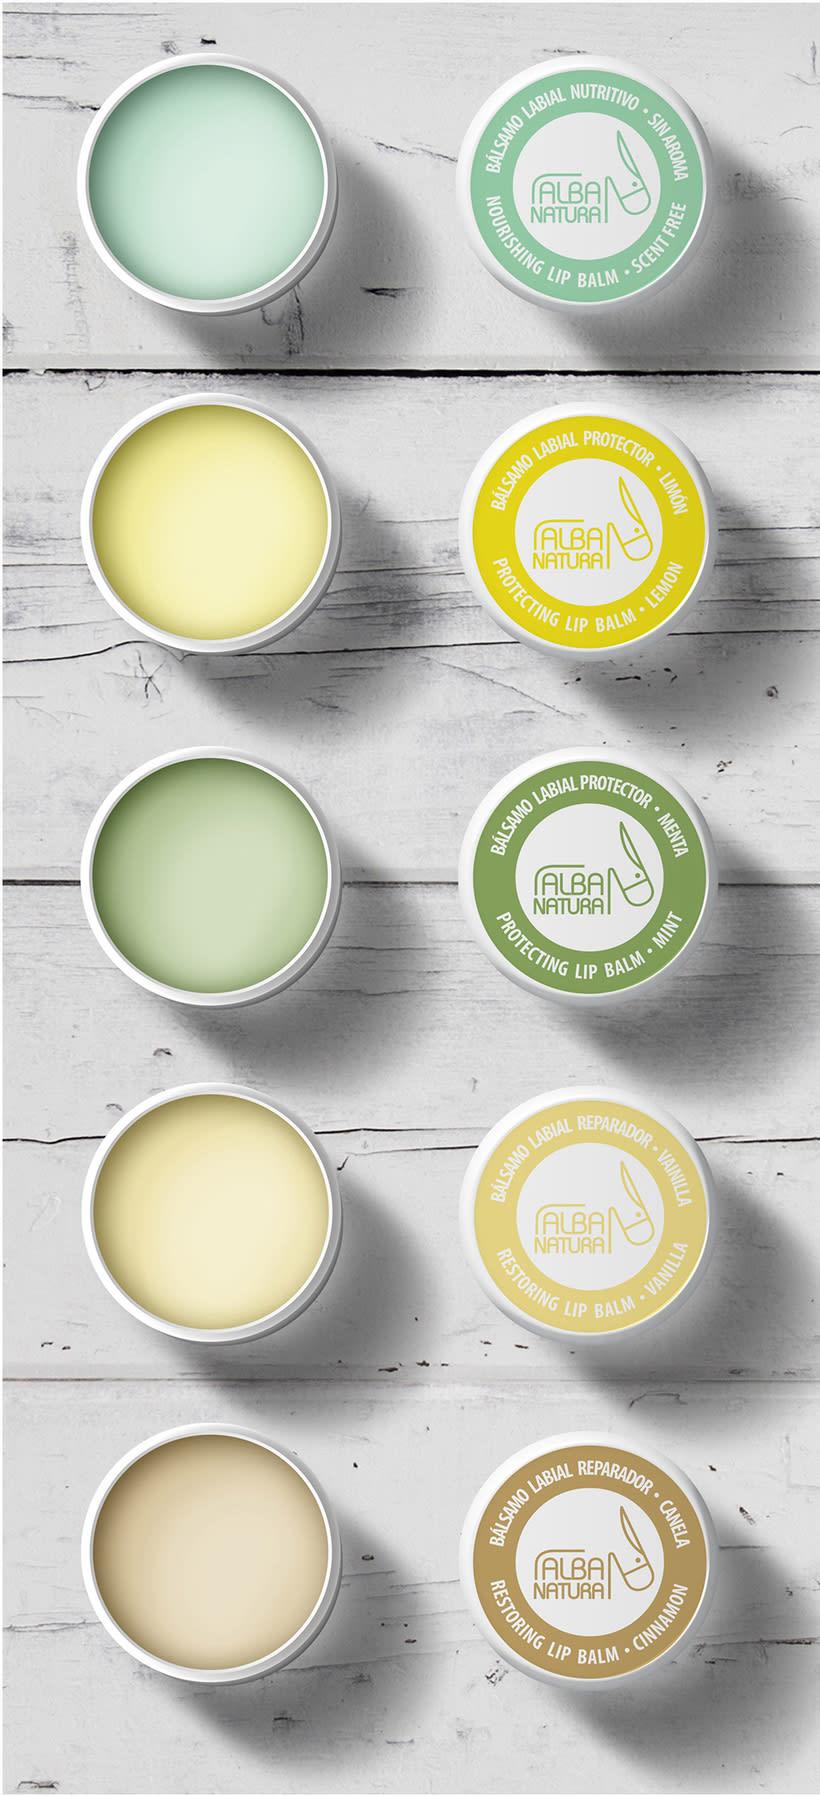 Logotipos, branding, diseño de flyers y de packagings que conforman la empresa NEATHEA (Alba Natura y Bioláctea) 2